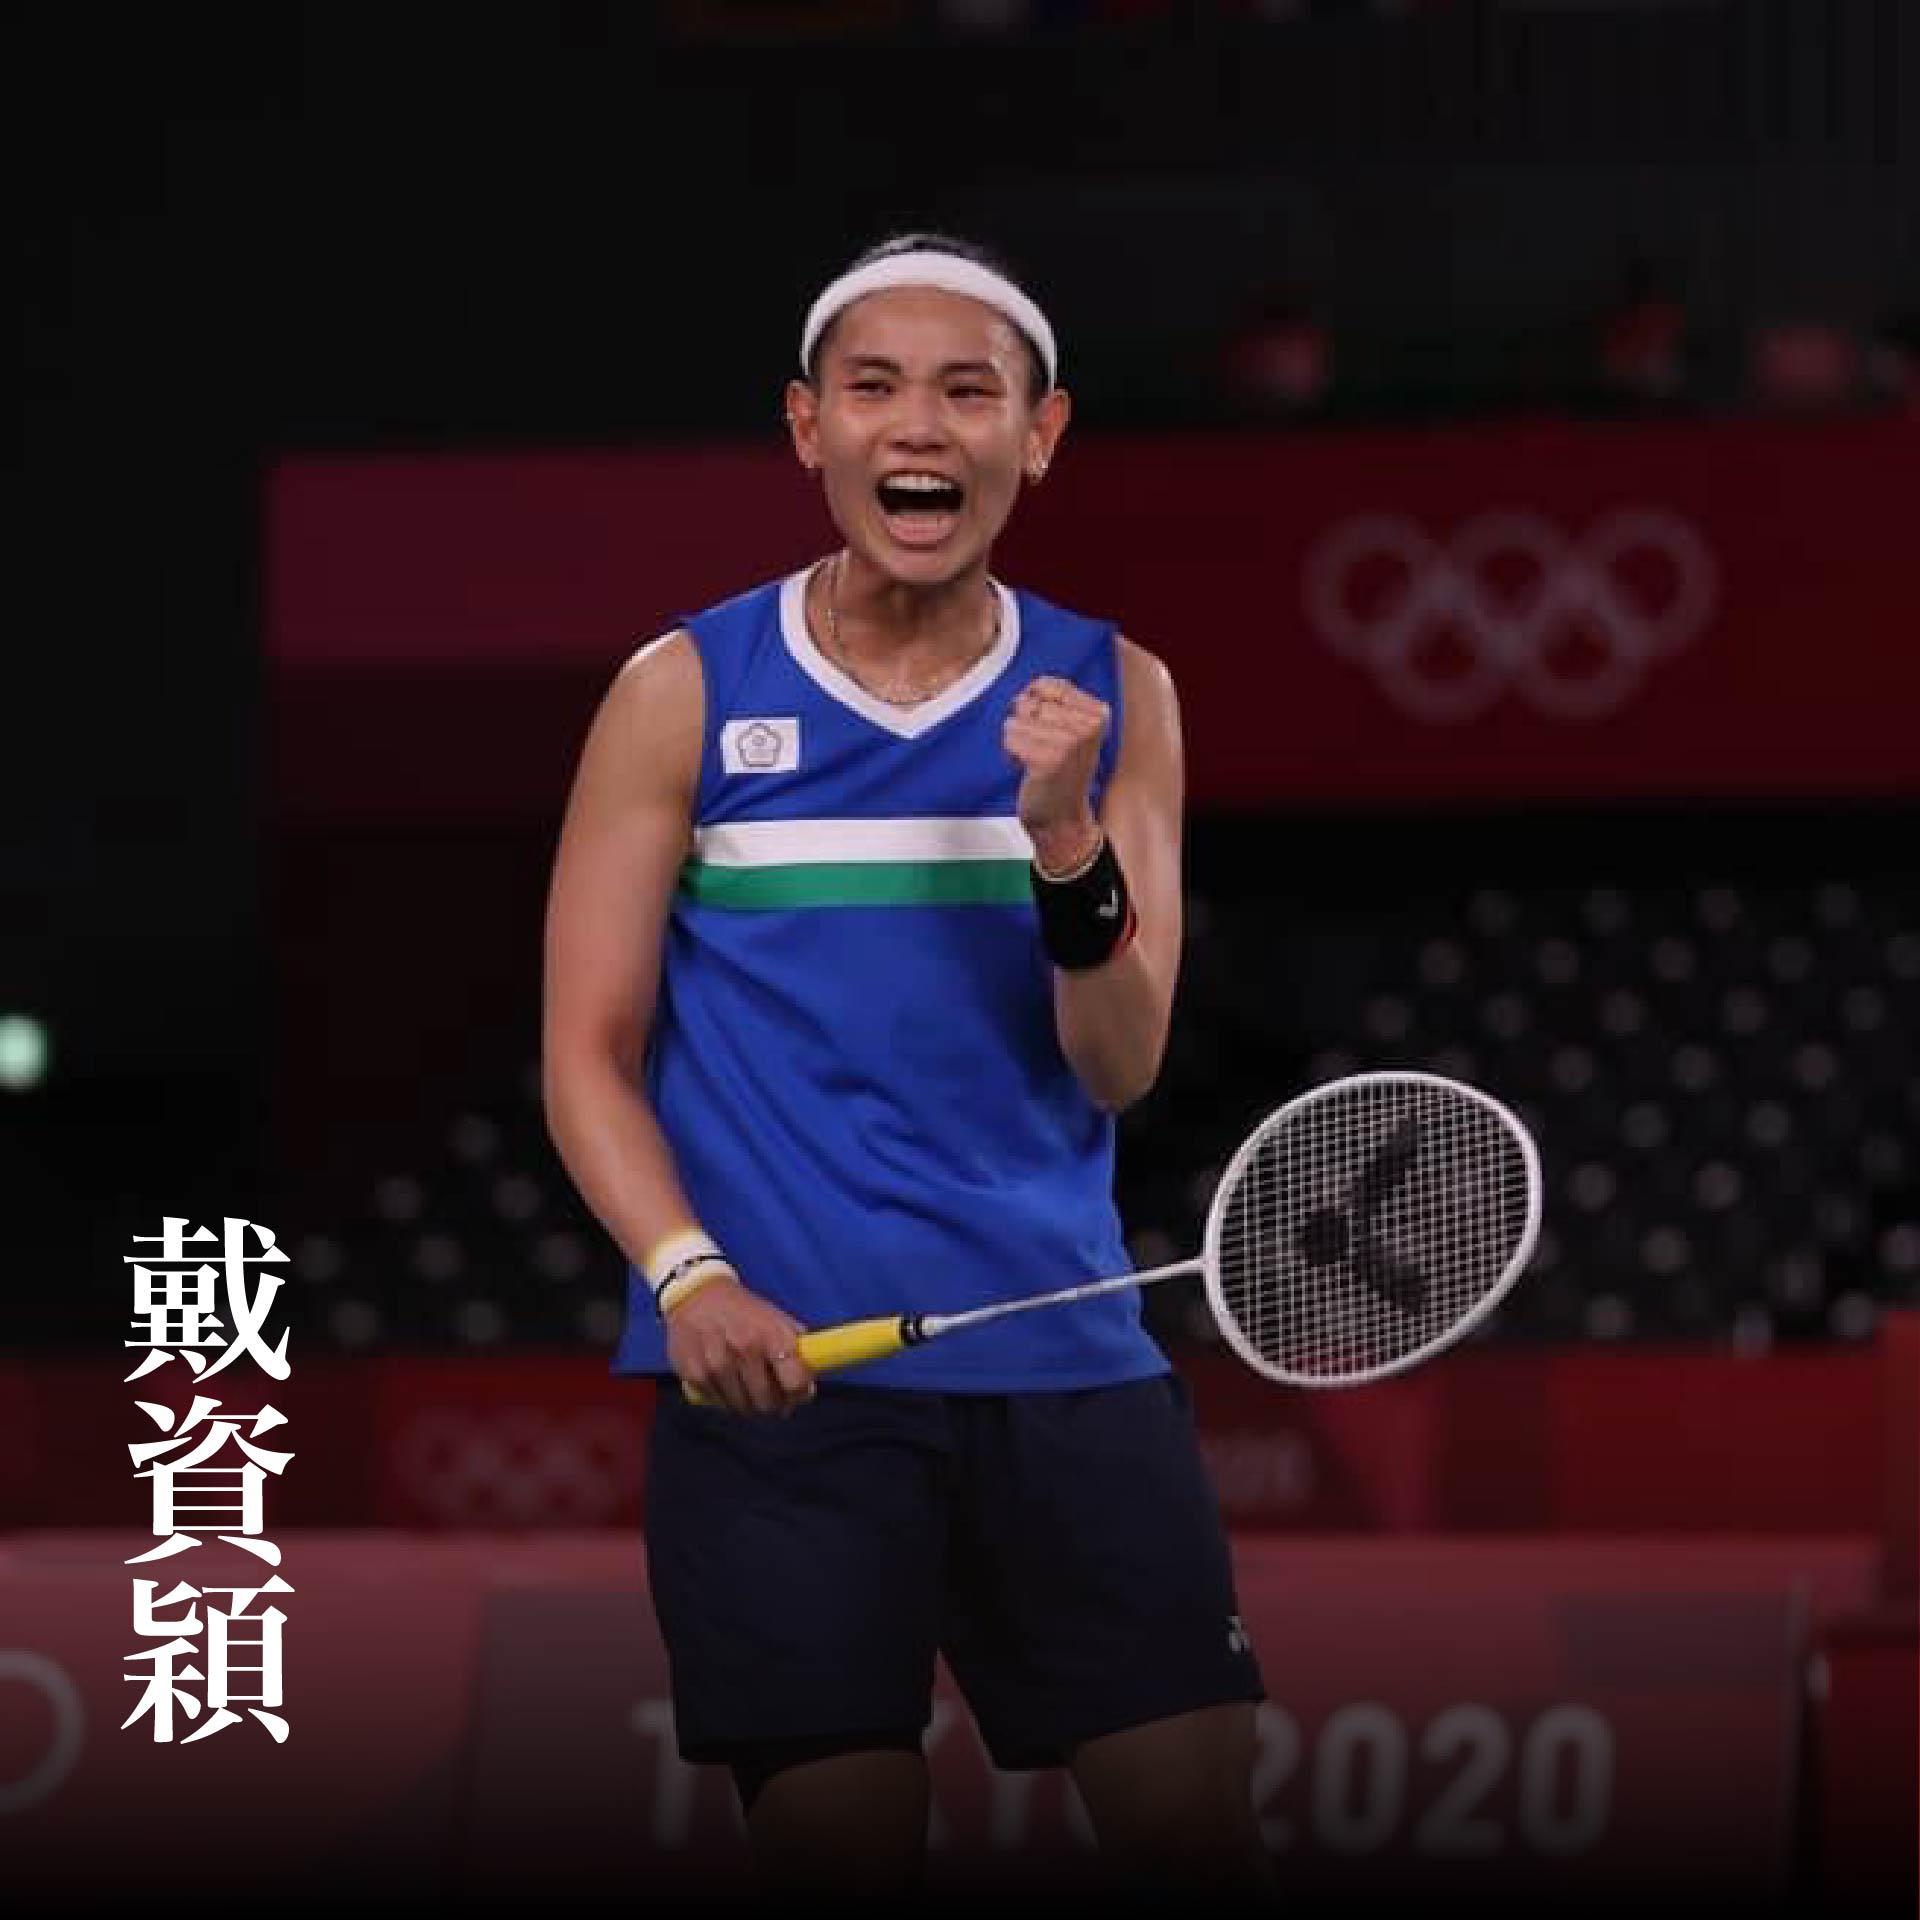 比賽不是只有拿金牌,一起認識台灣之光   